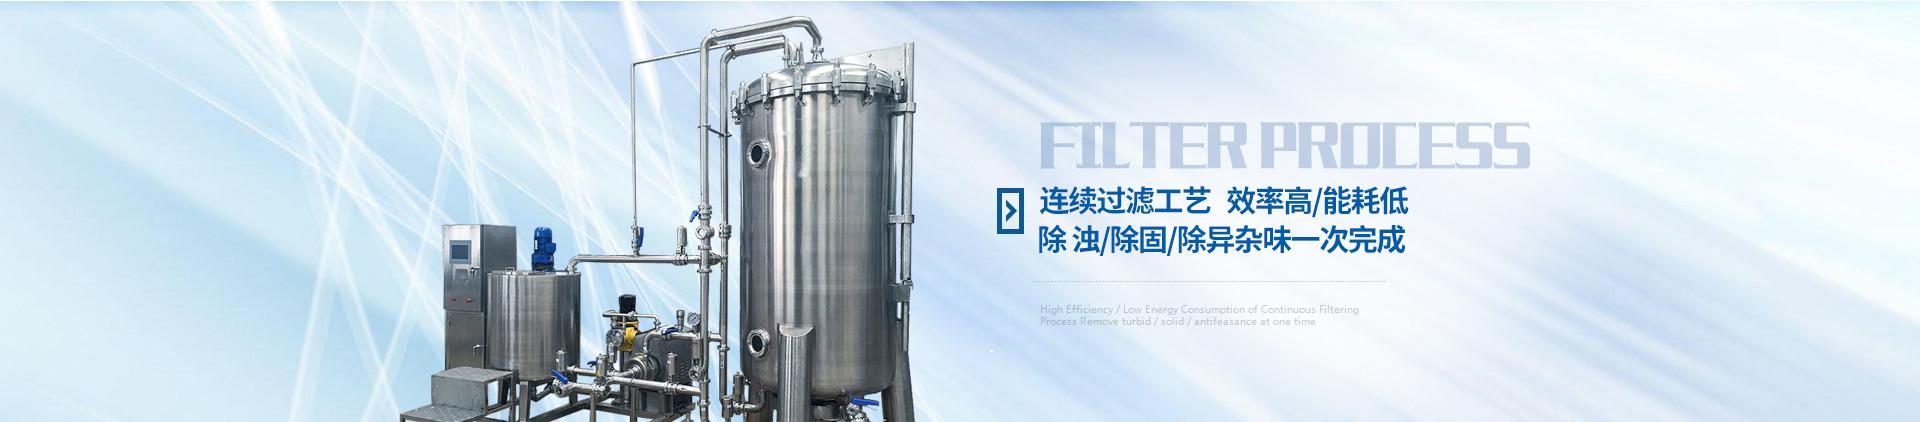 润明过滤系统连续过滤工艺、效率高/能耗低